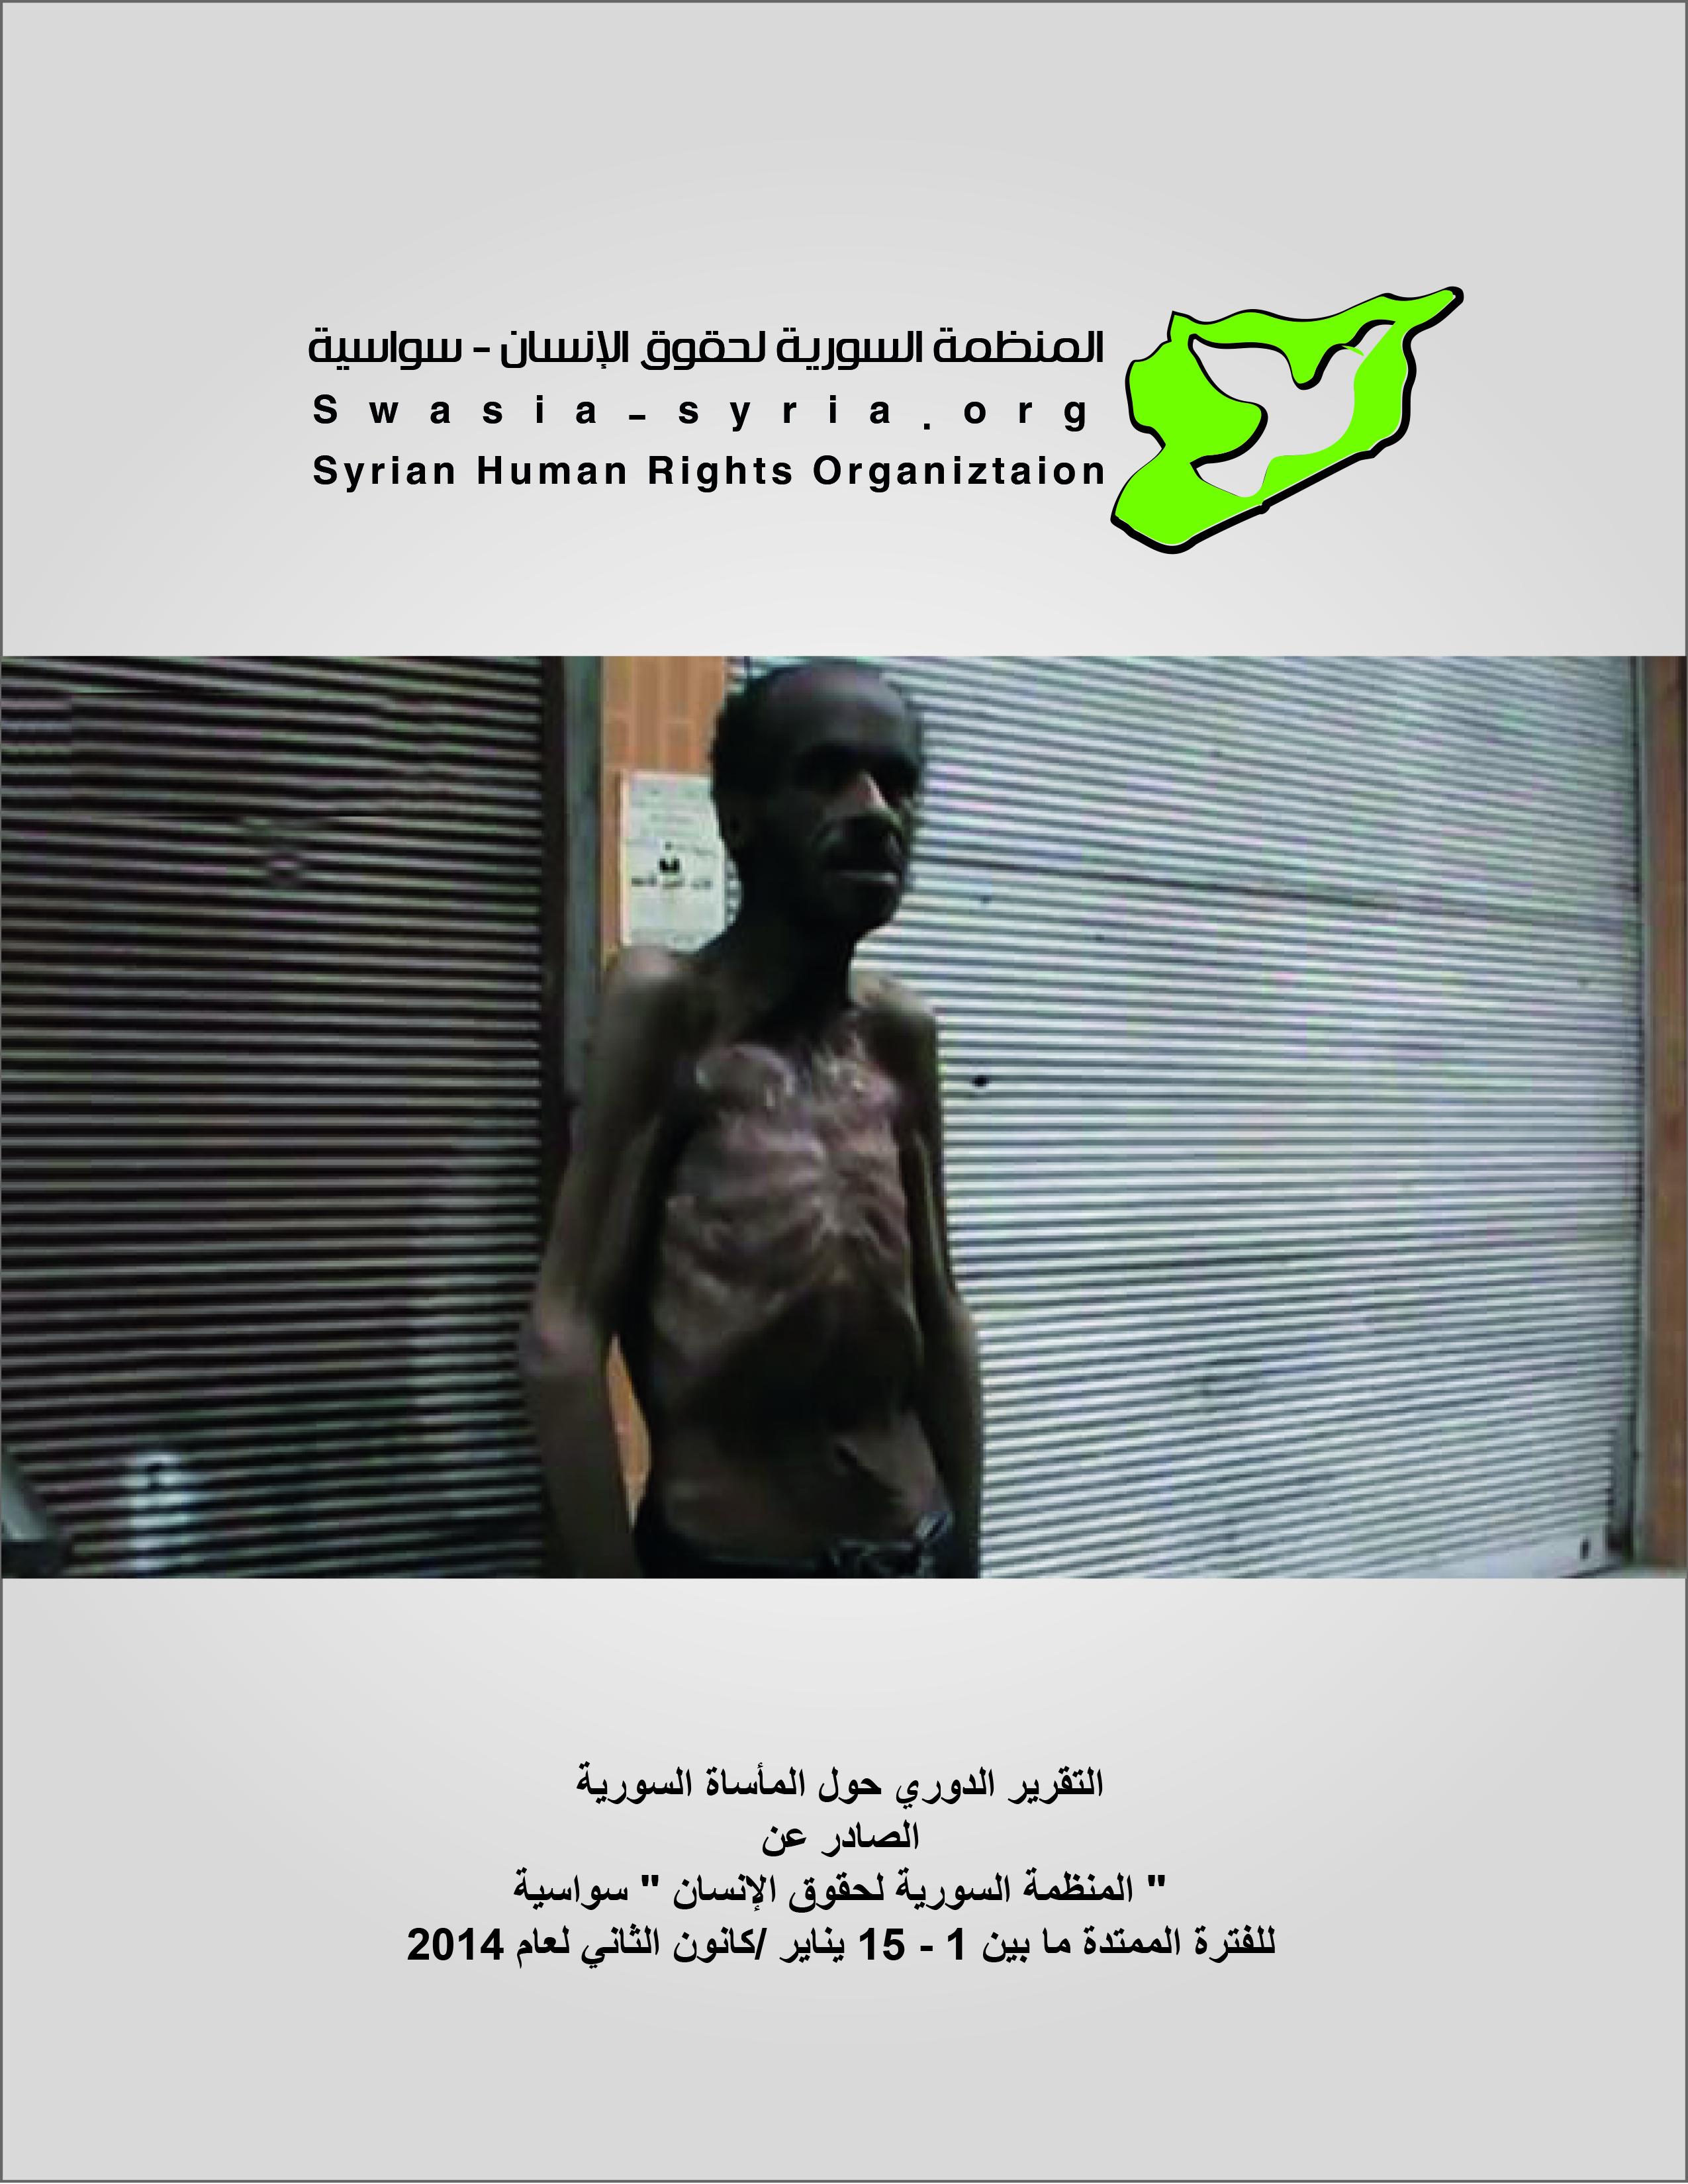 سوريا في اعقاب جنيف 2 والتقرير الدوري الصادر عن منظمة حقوق الانسان